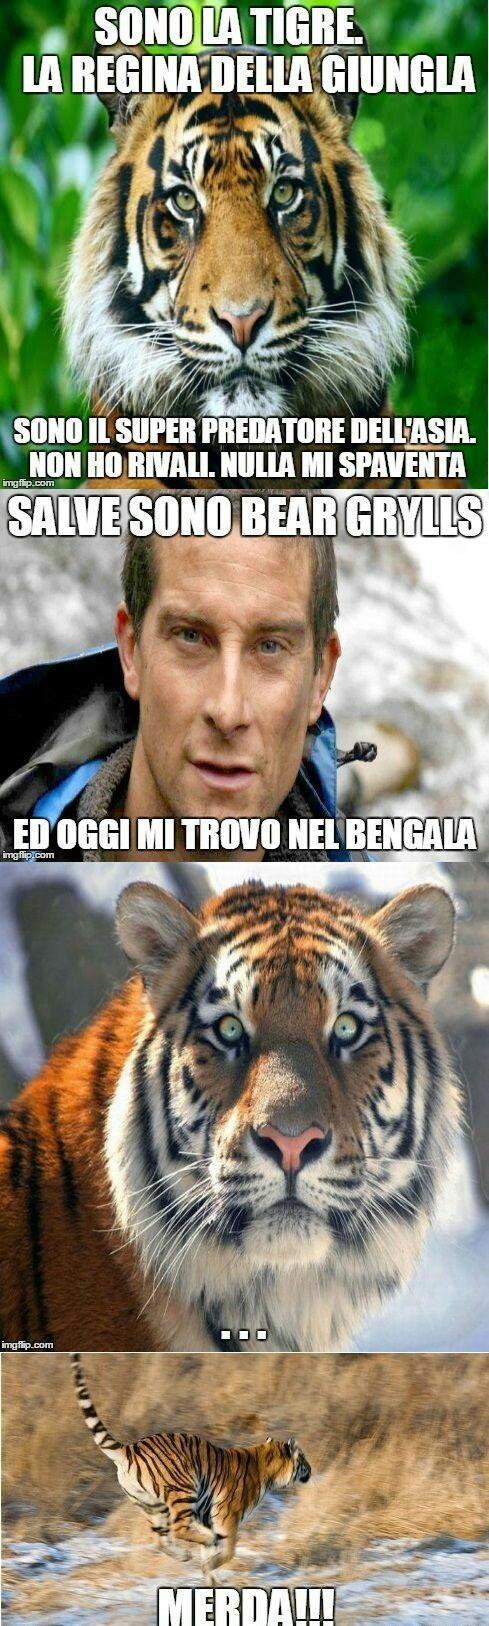 tigre vs grotta - meme